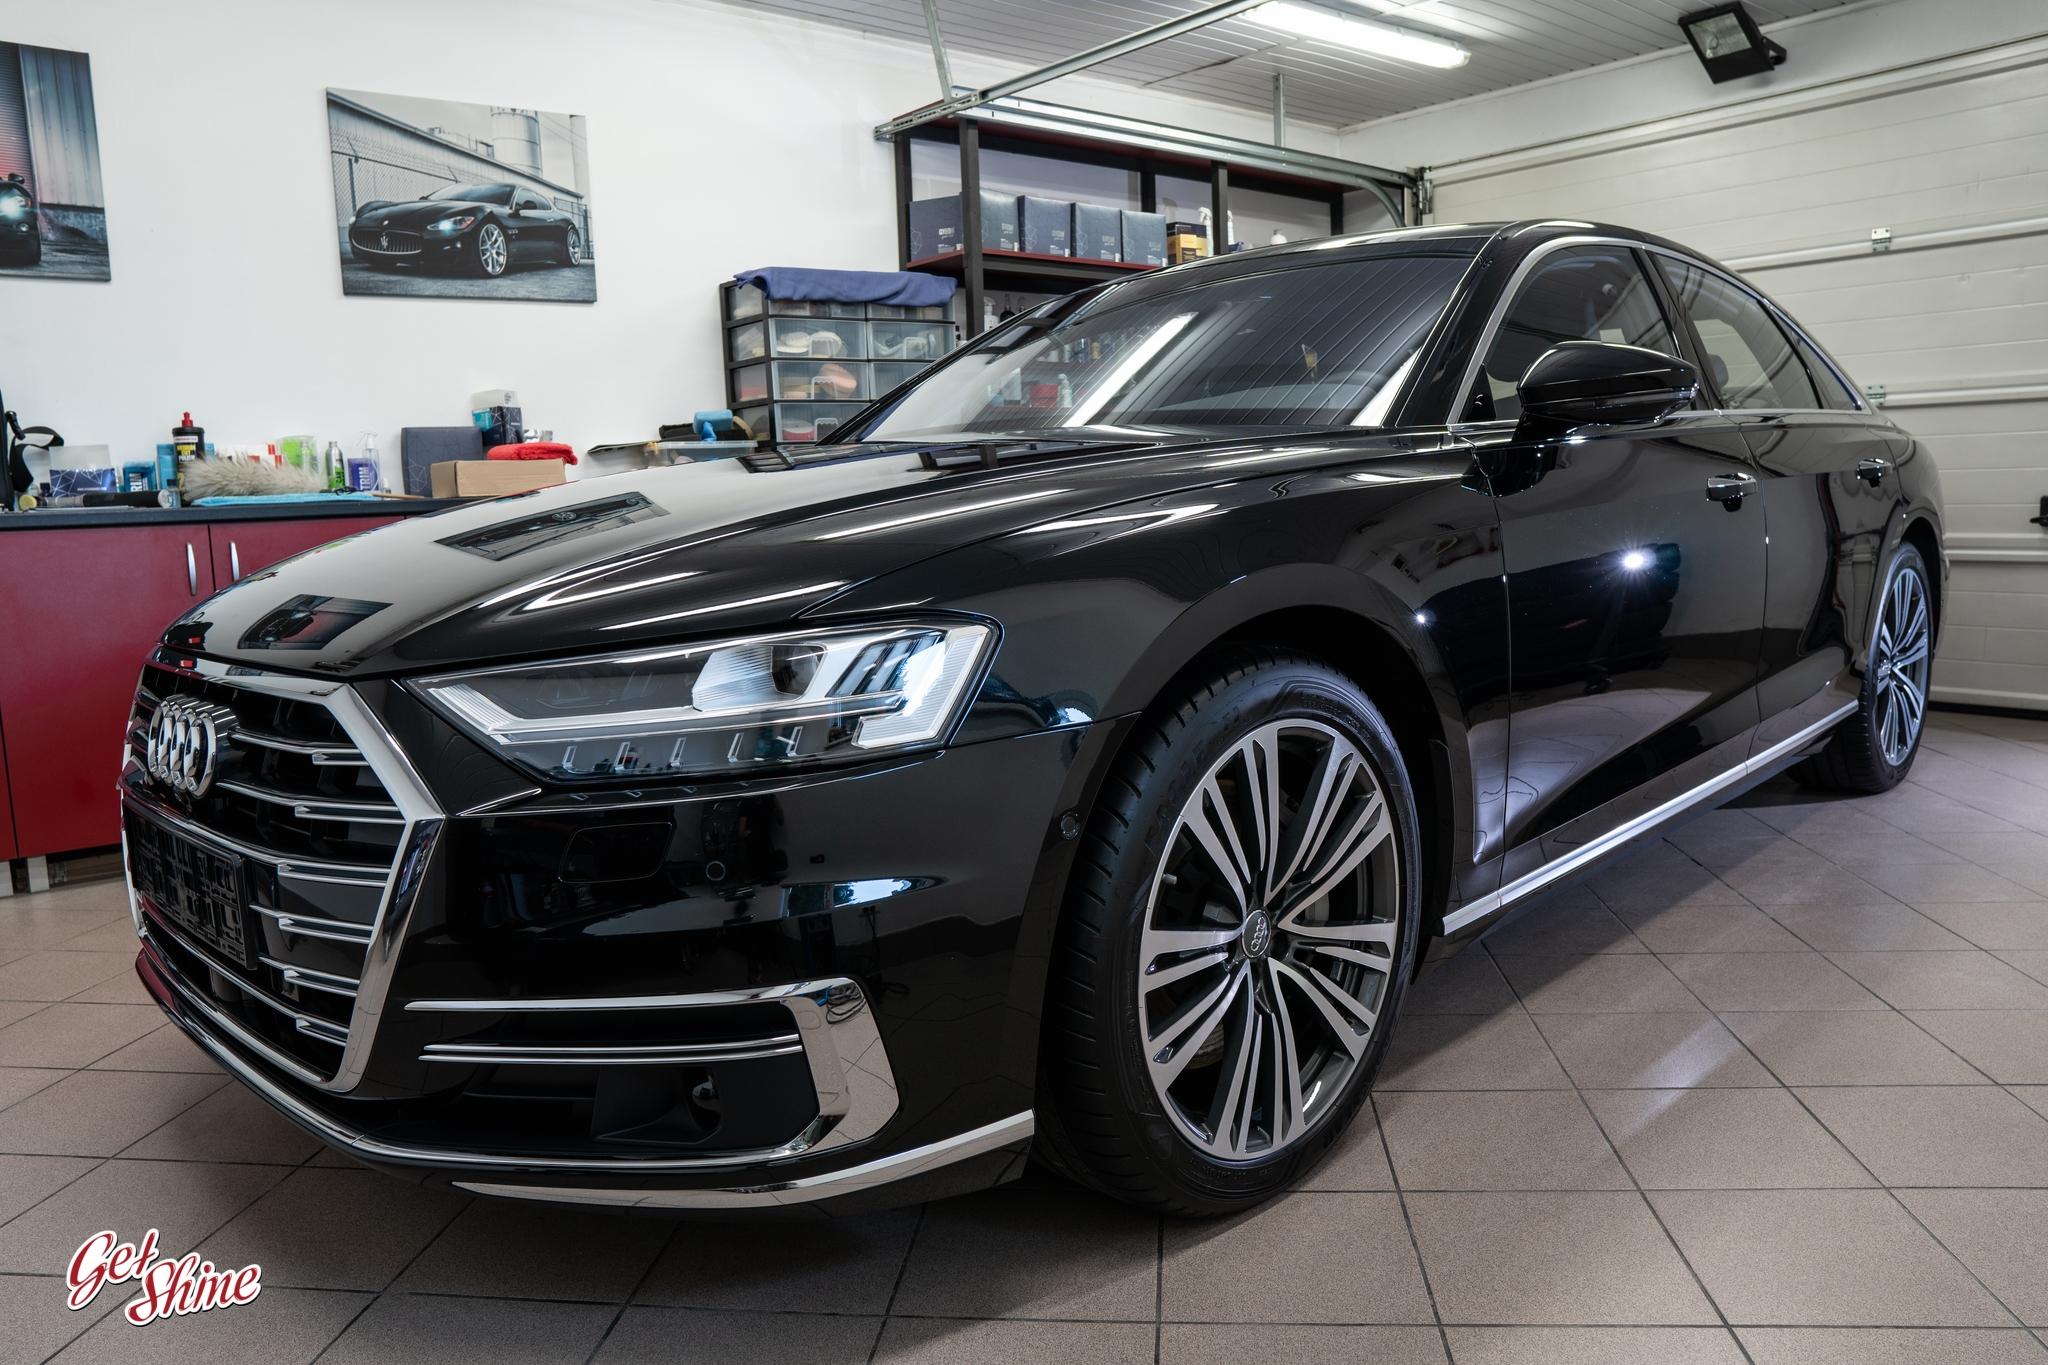 Audi A8 – zabezpieczenie powłoką ceramiczną Gyeon Syncro, korekta lakieru